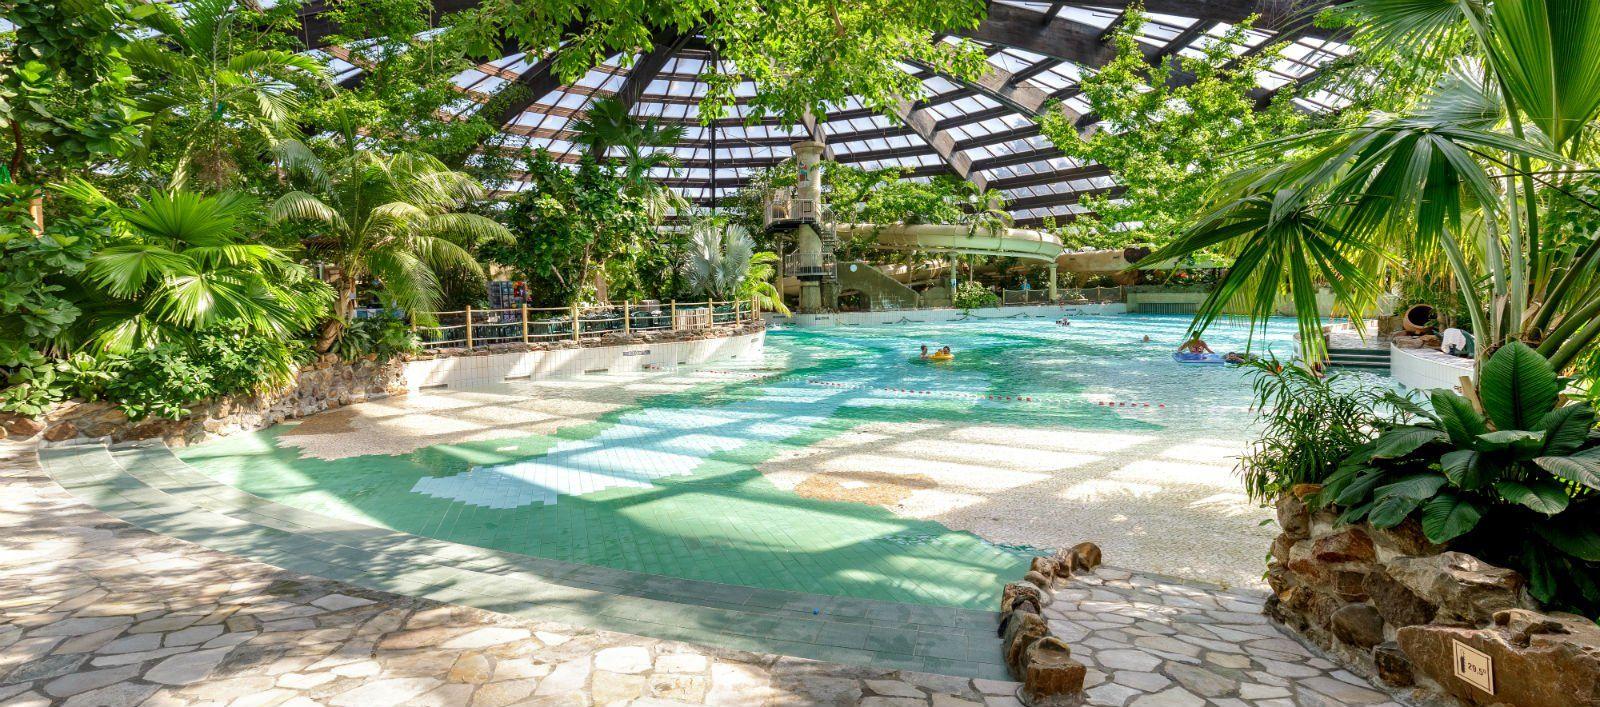 Zwemmen bij Center Parcs Kempervennen voor €10,- met facebookactie